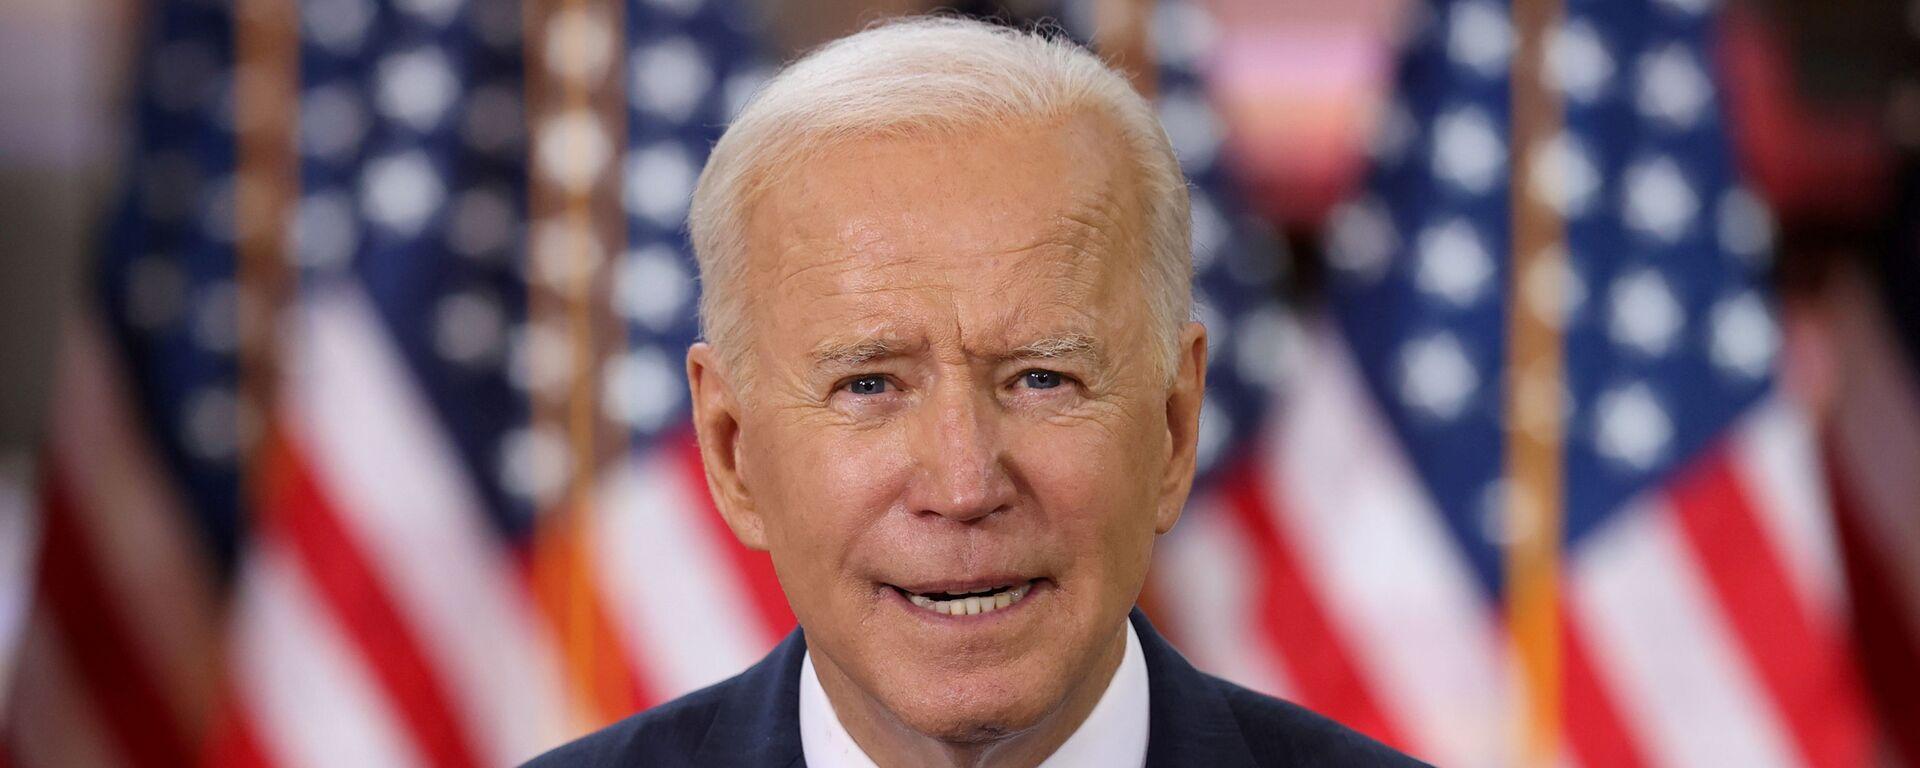 Tổng thống Mỹ Joe Biden. - Sputnik Việt Nam, 1920, 01.04.2021